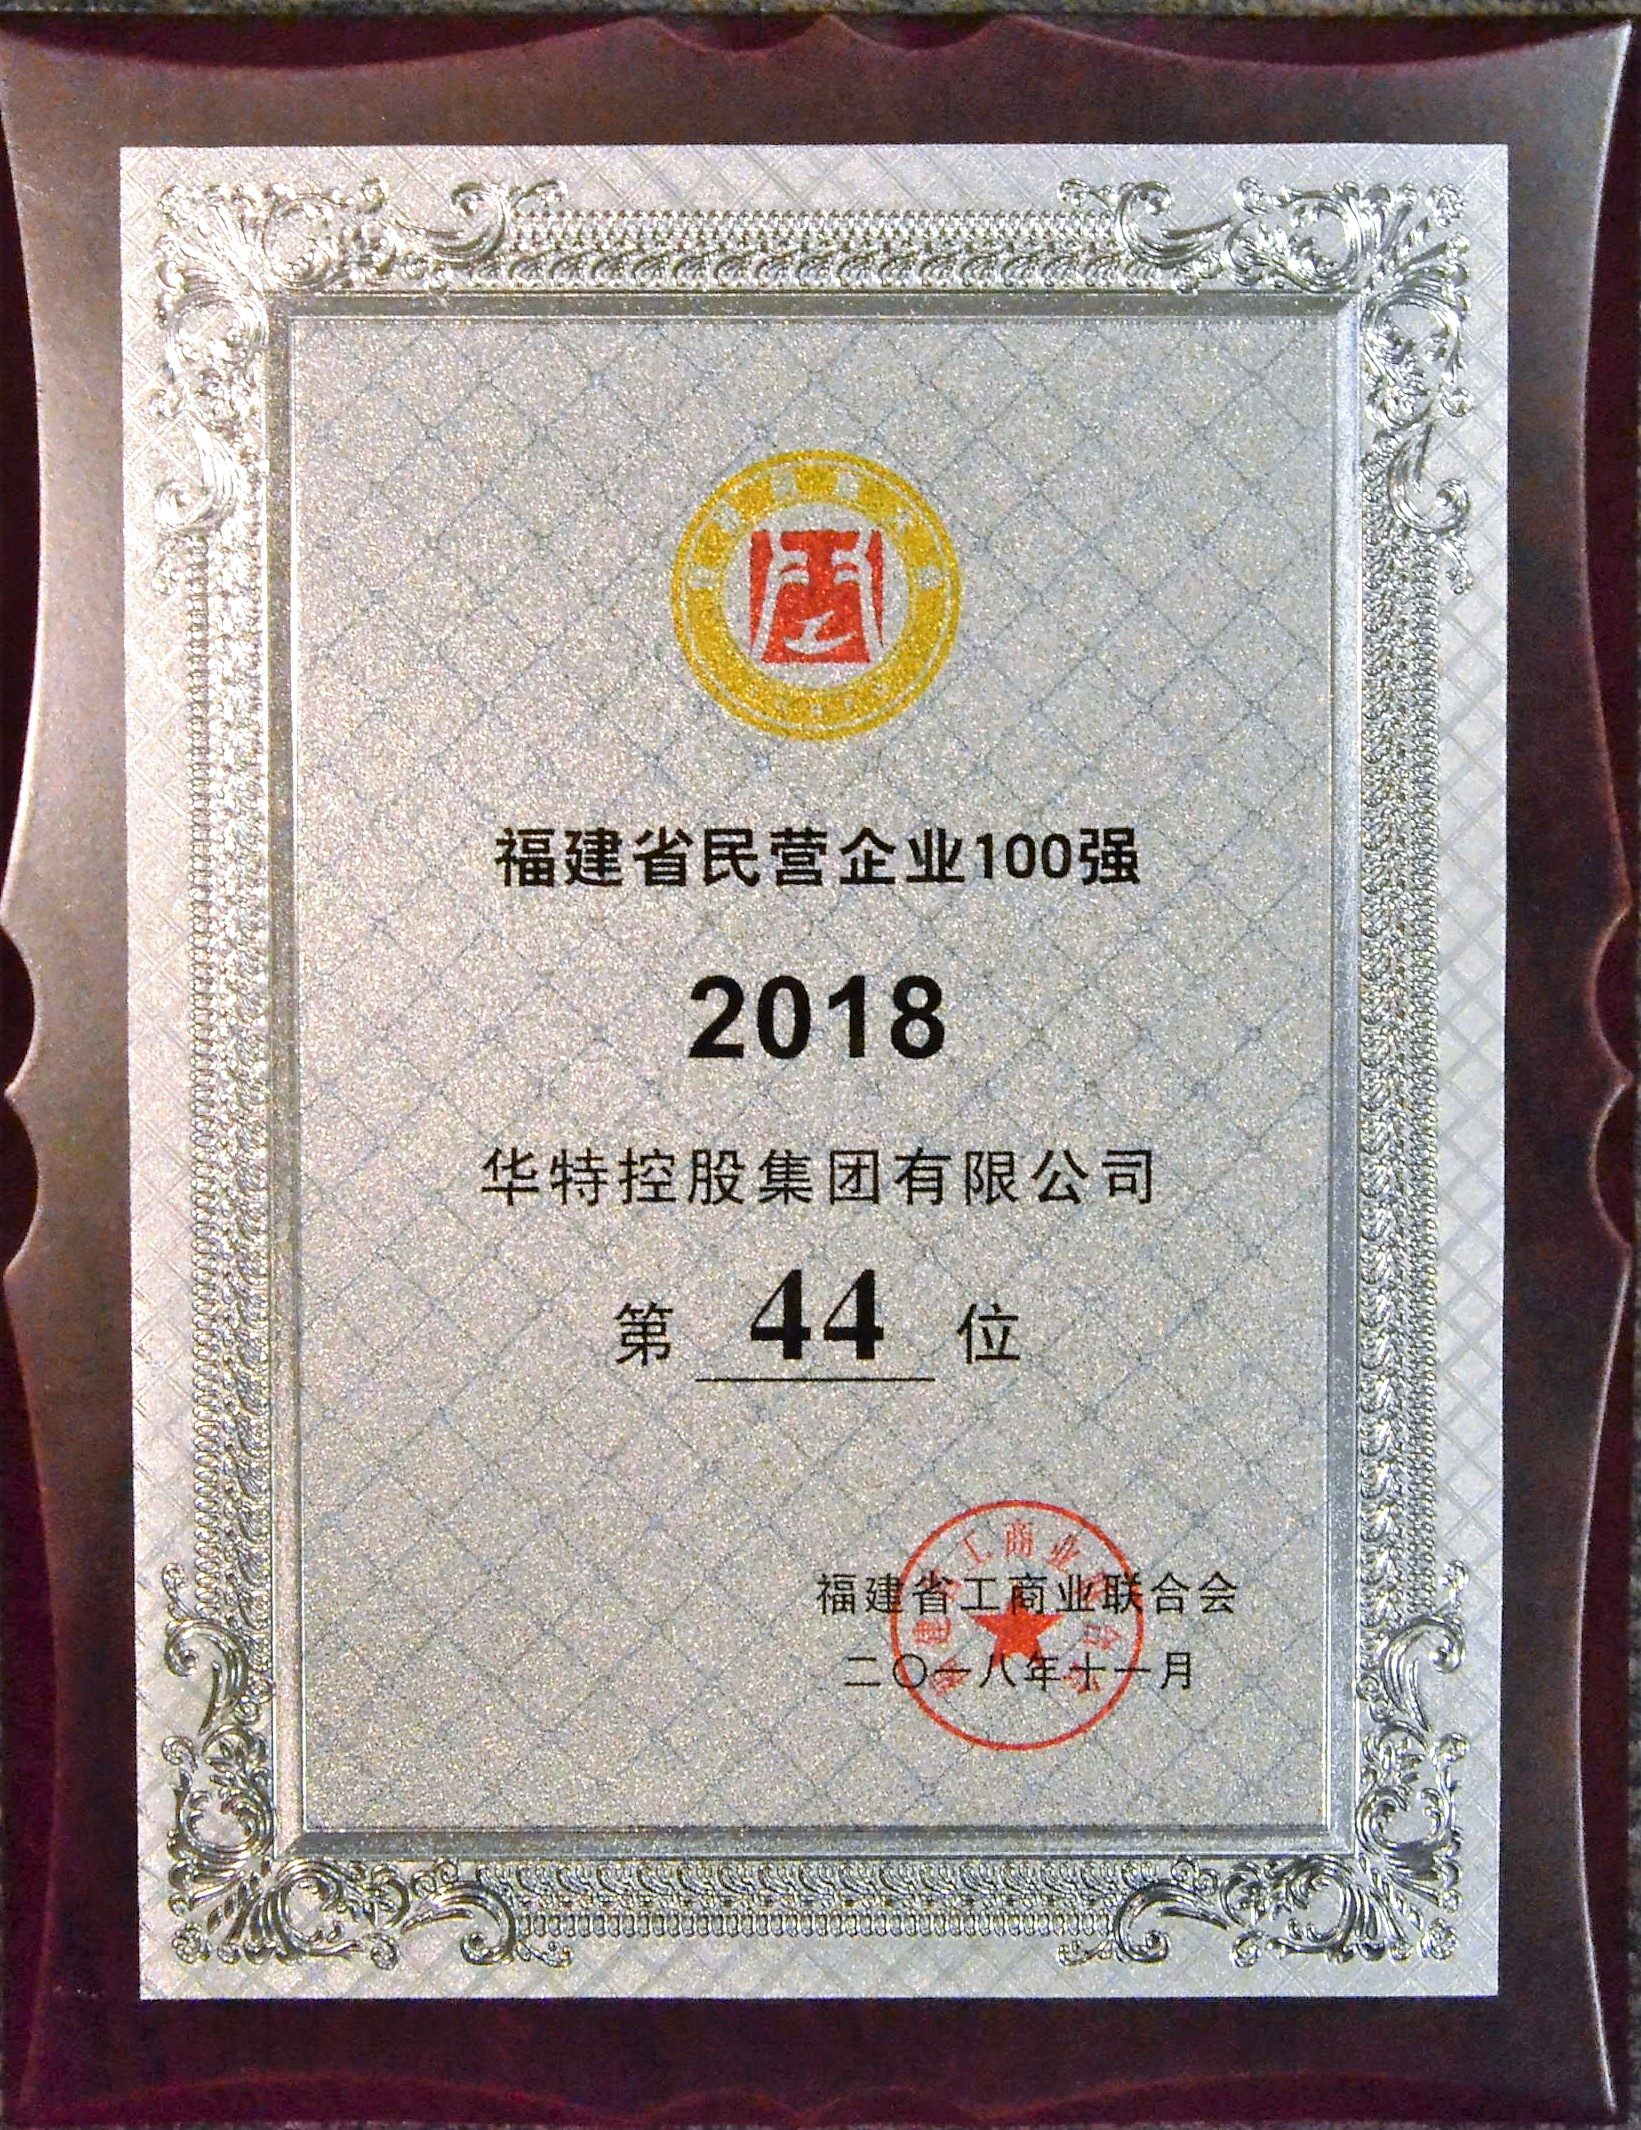 2018年度福建省民营企业100强——第44名.JPG